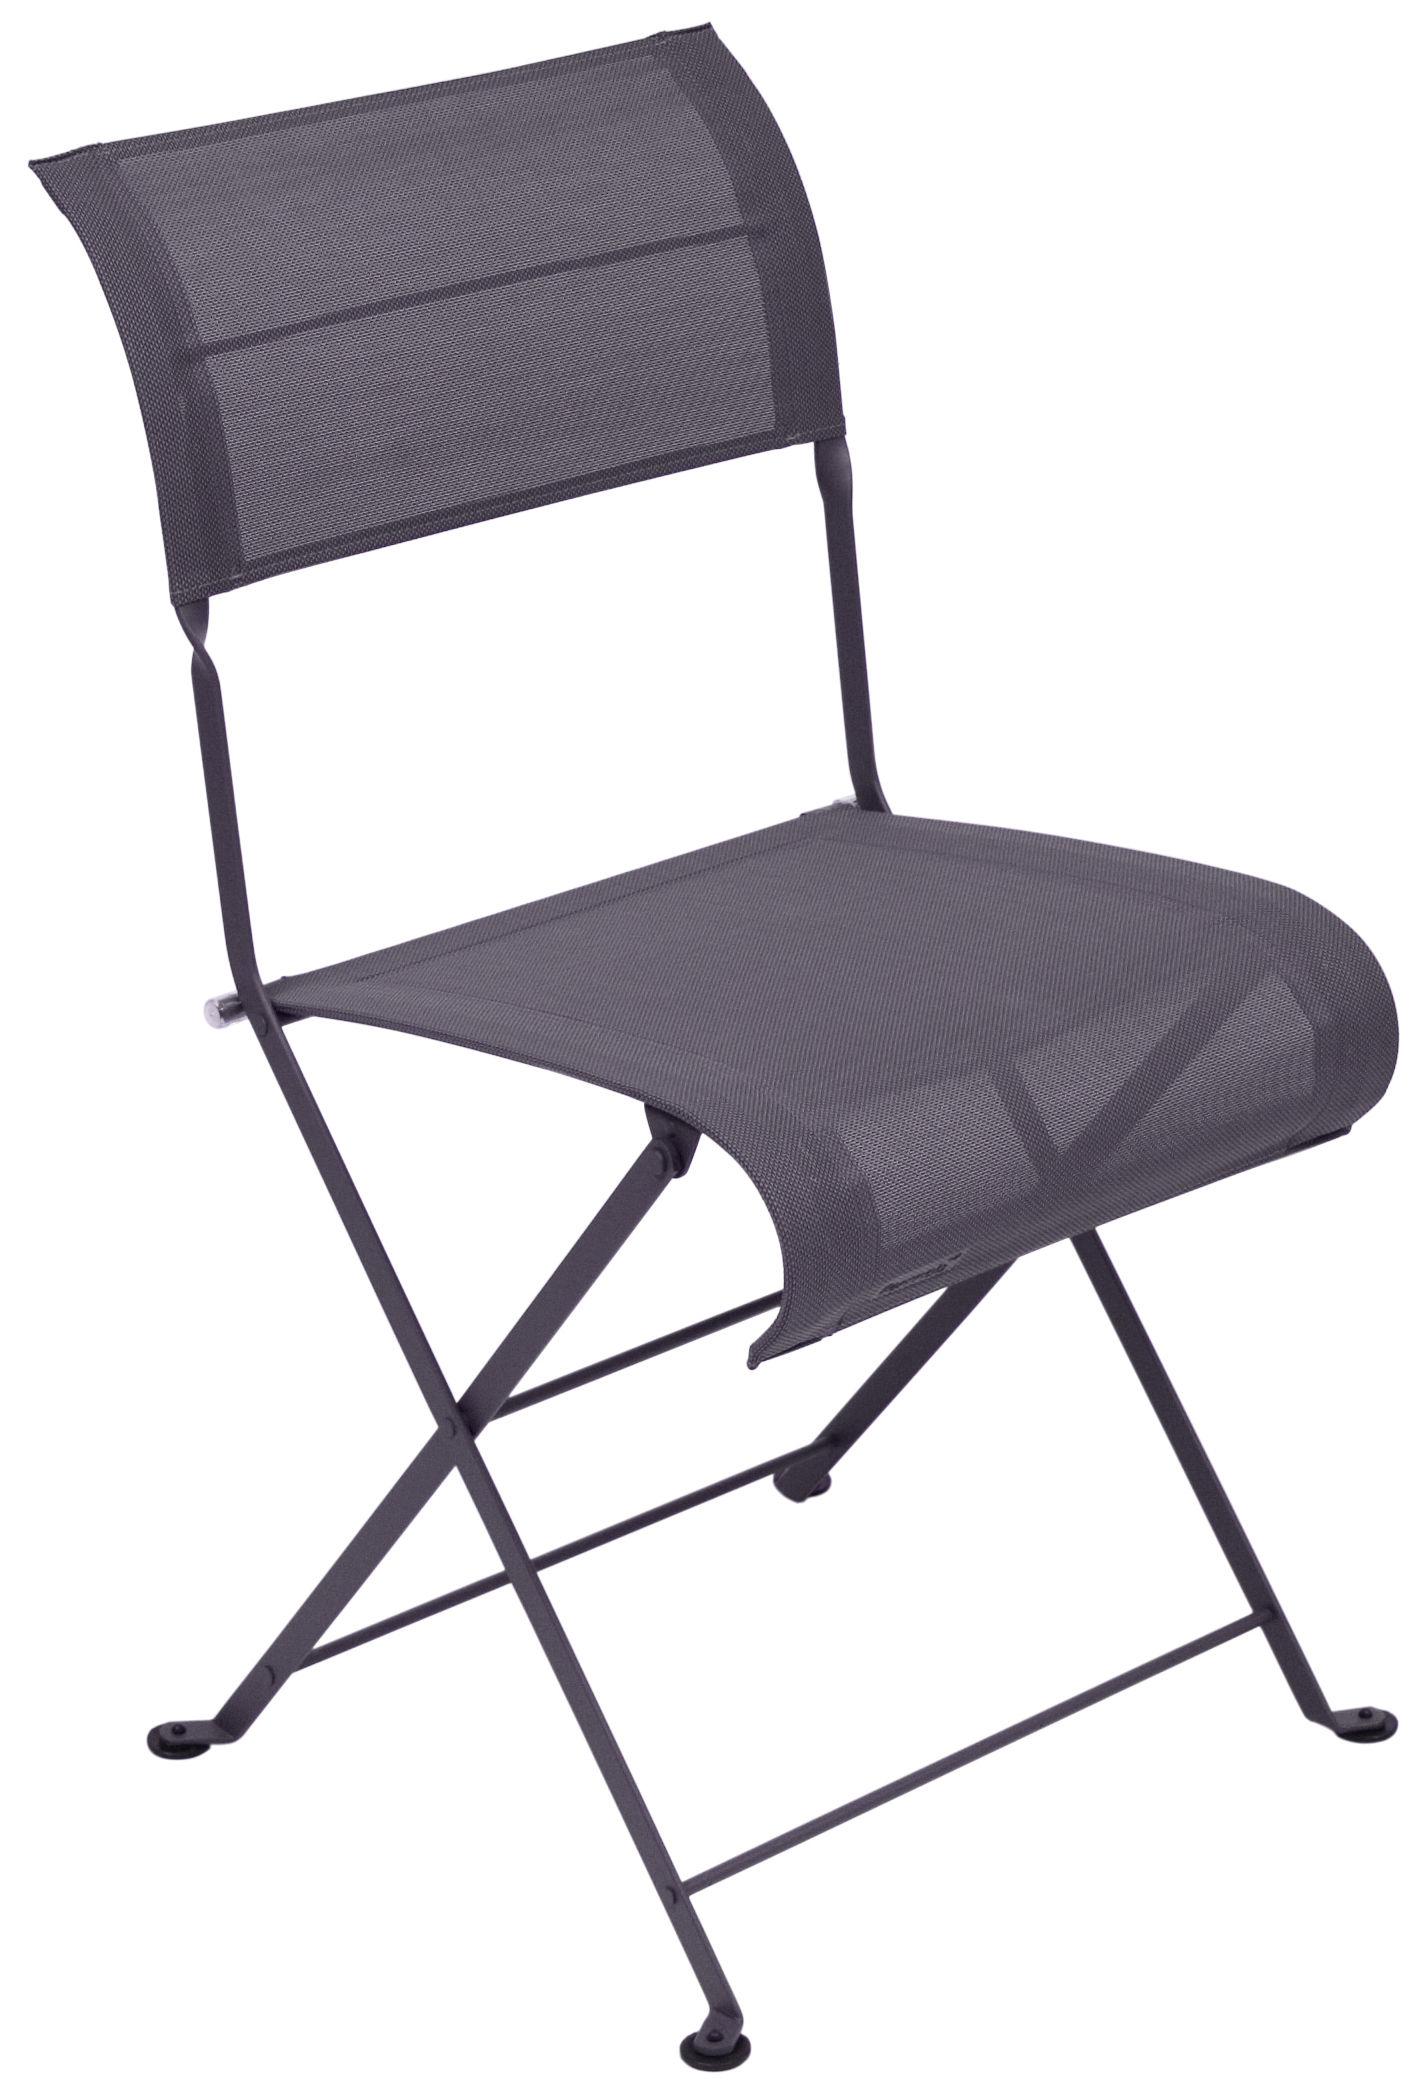 Mobilier - Chaises, fauteuils de salle à manger - Chaise pliante Dune / Toile - Fermob - Prune Chiné - Acier laqué, Toile polyester